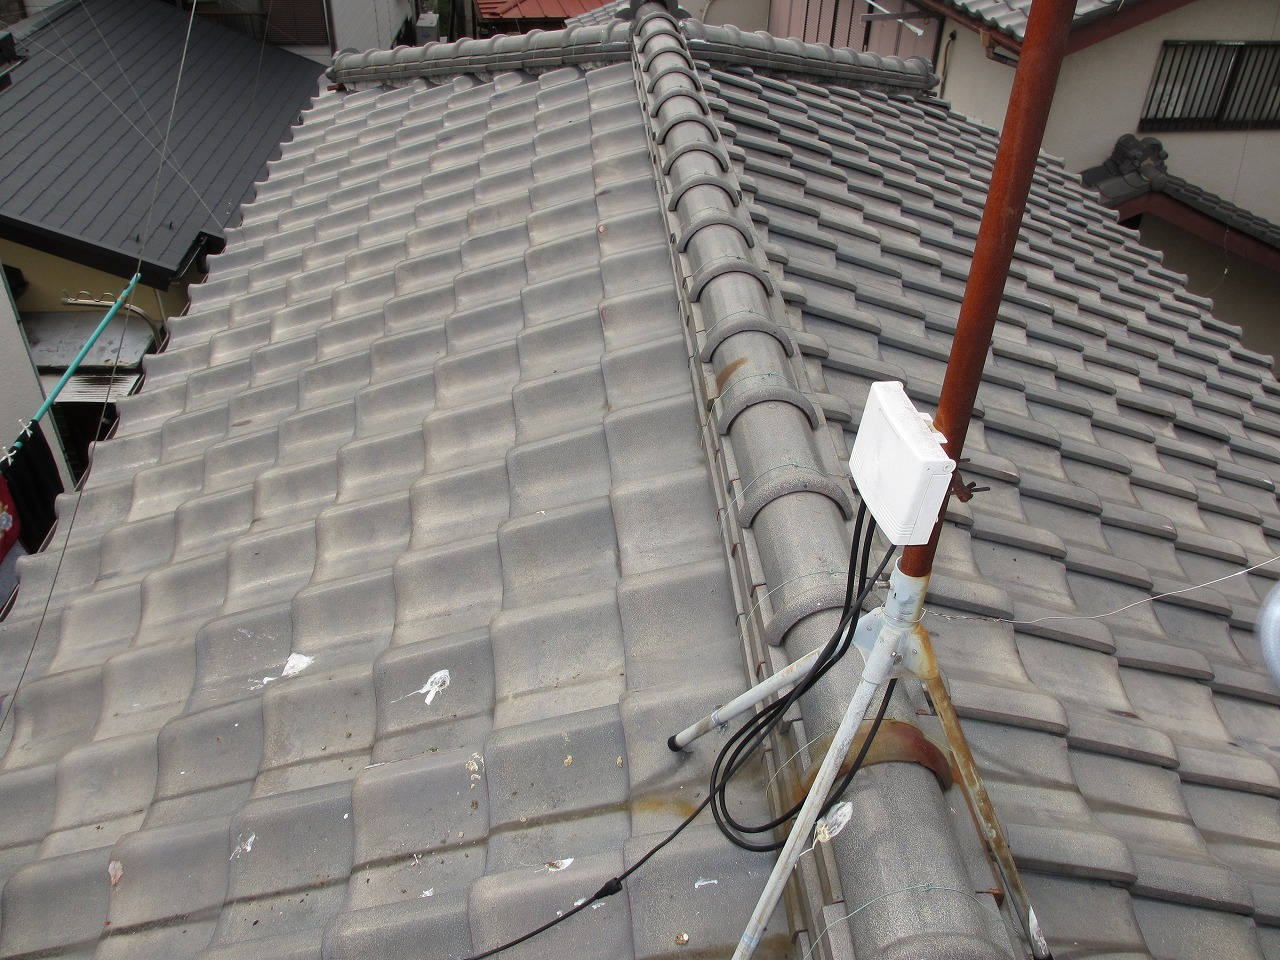 藤沢市,高倉,屋根,葺き替え,瓦,横暖